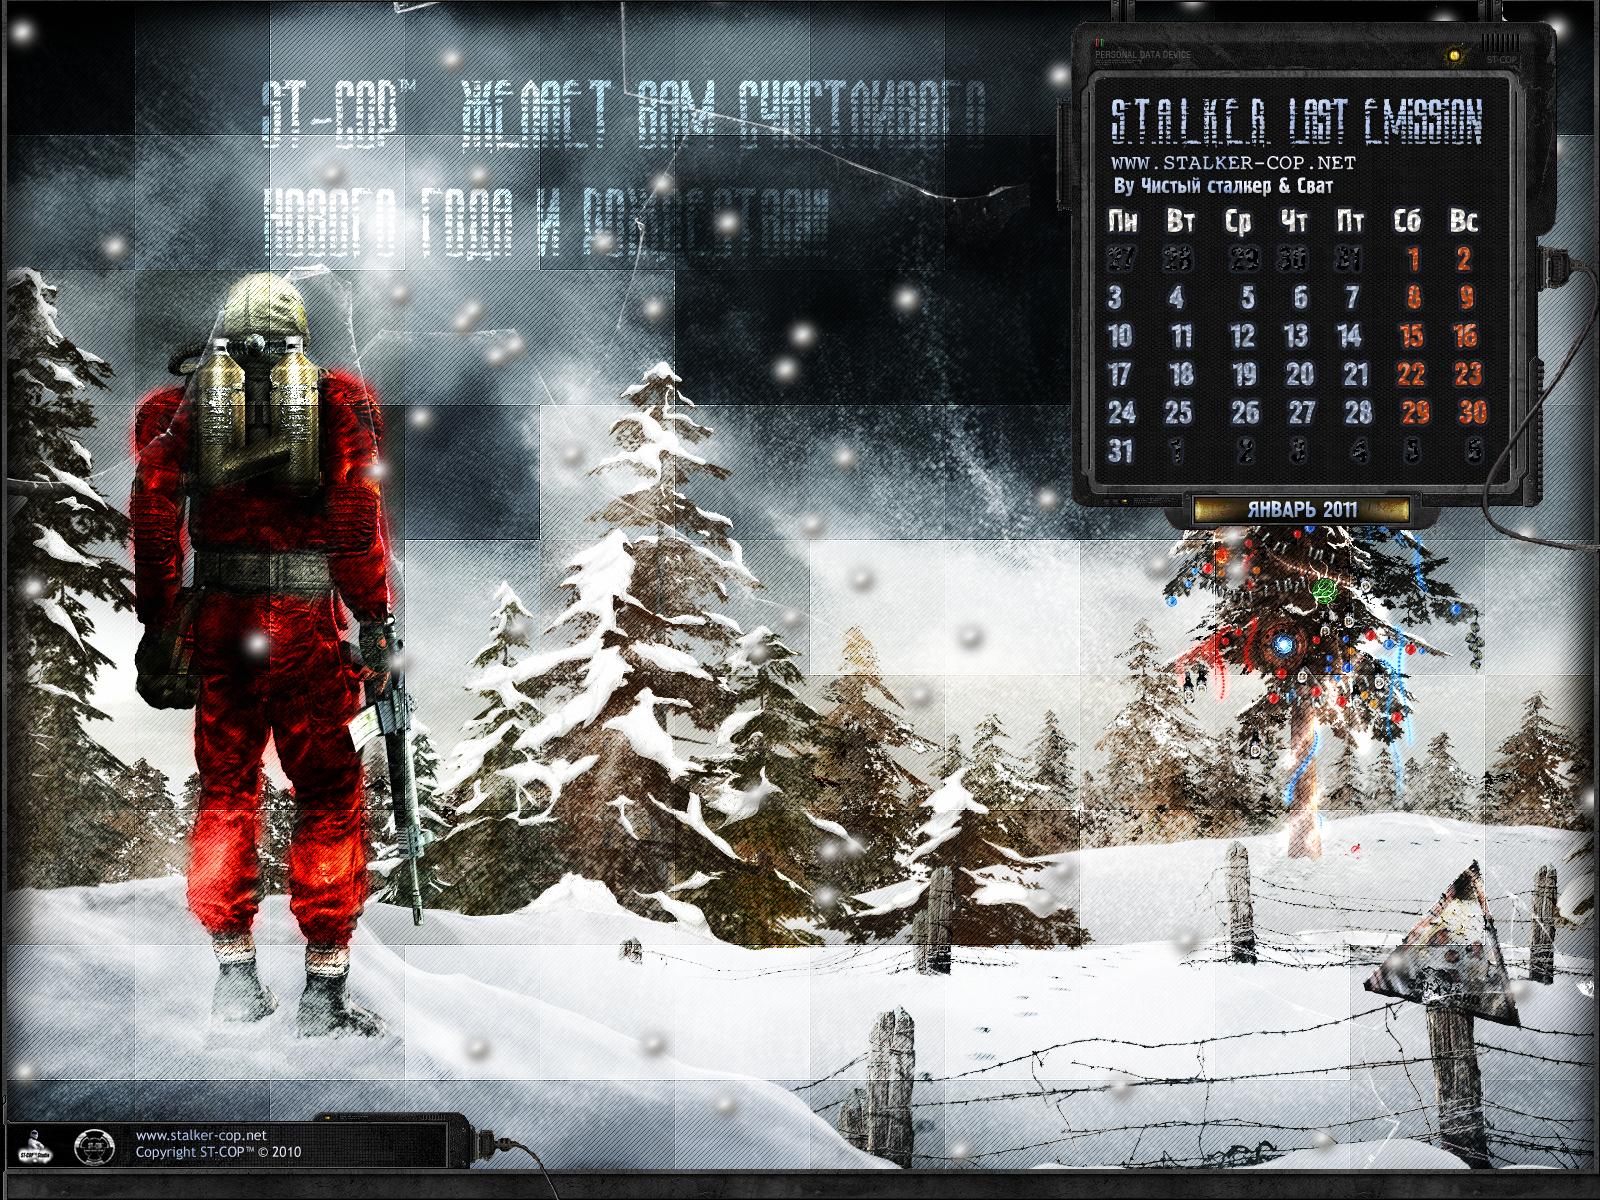 С Новым годом и Рождеством Христовым! - Страница 2 Janvar_2011